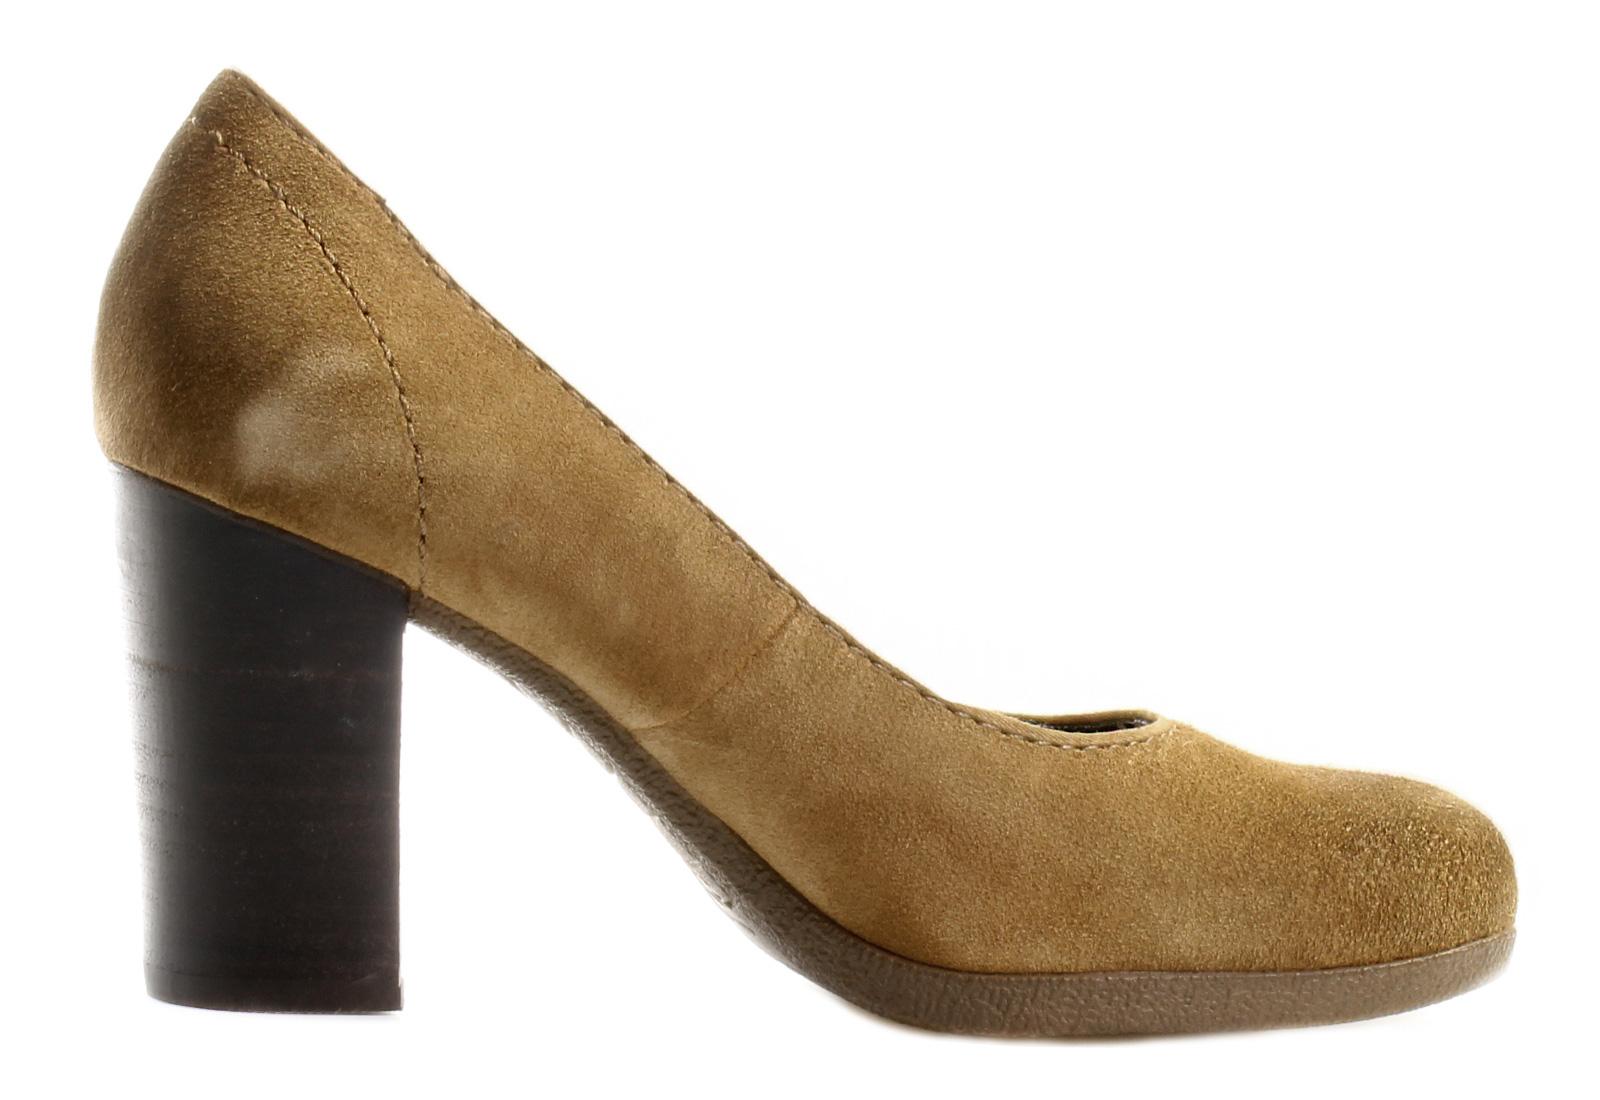 tommy hilfiger high heels polly 1b 13f 6225 219. Black Bedroom Furniture Sets. Home Design Ideas